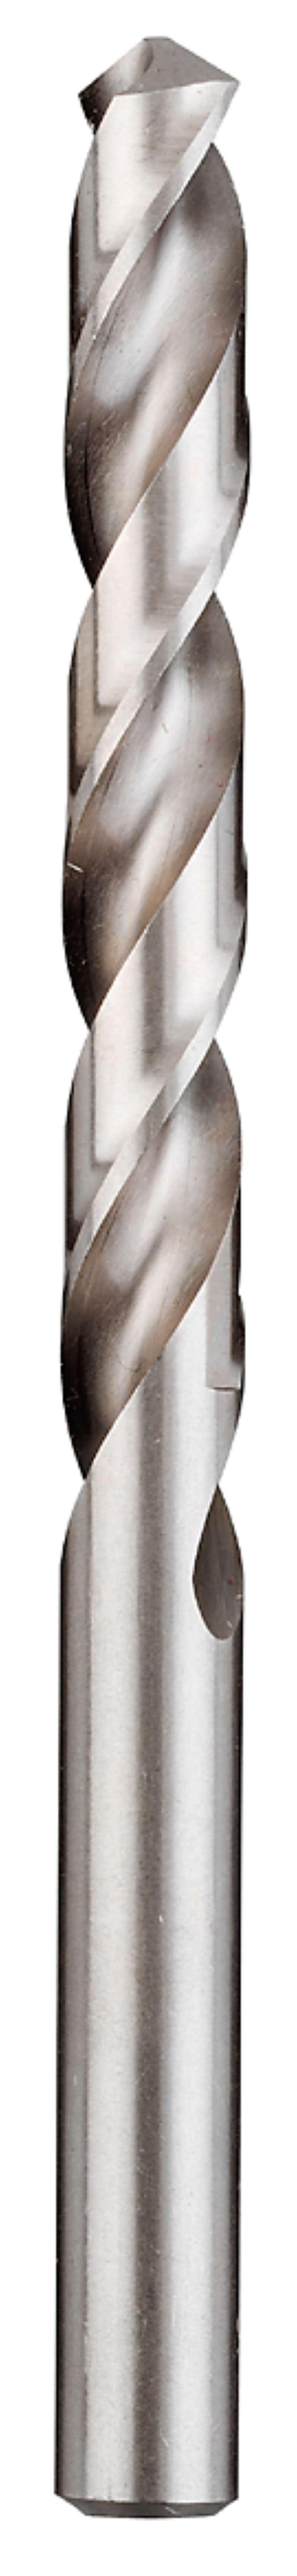 Сверло по металлу Kwb 206-550